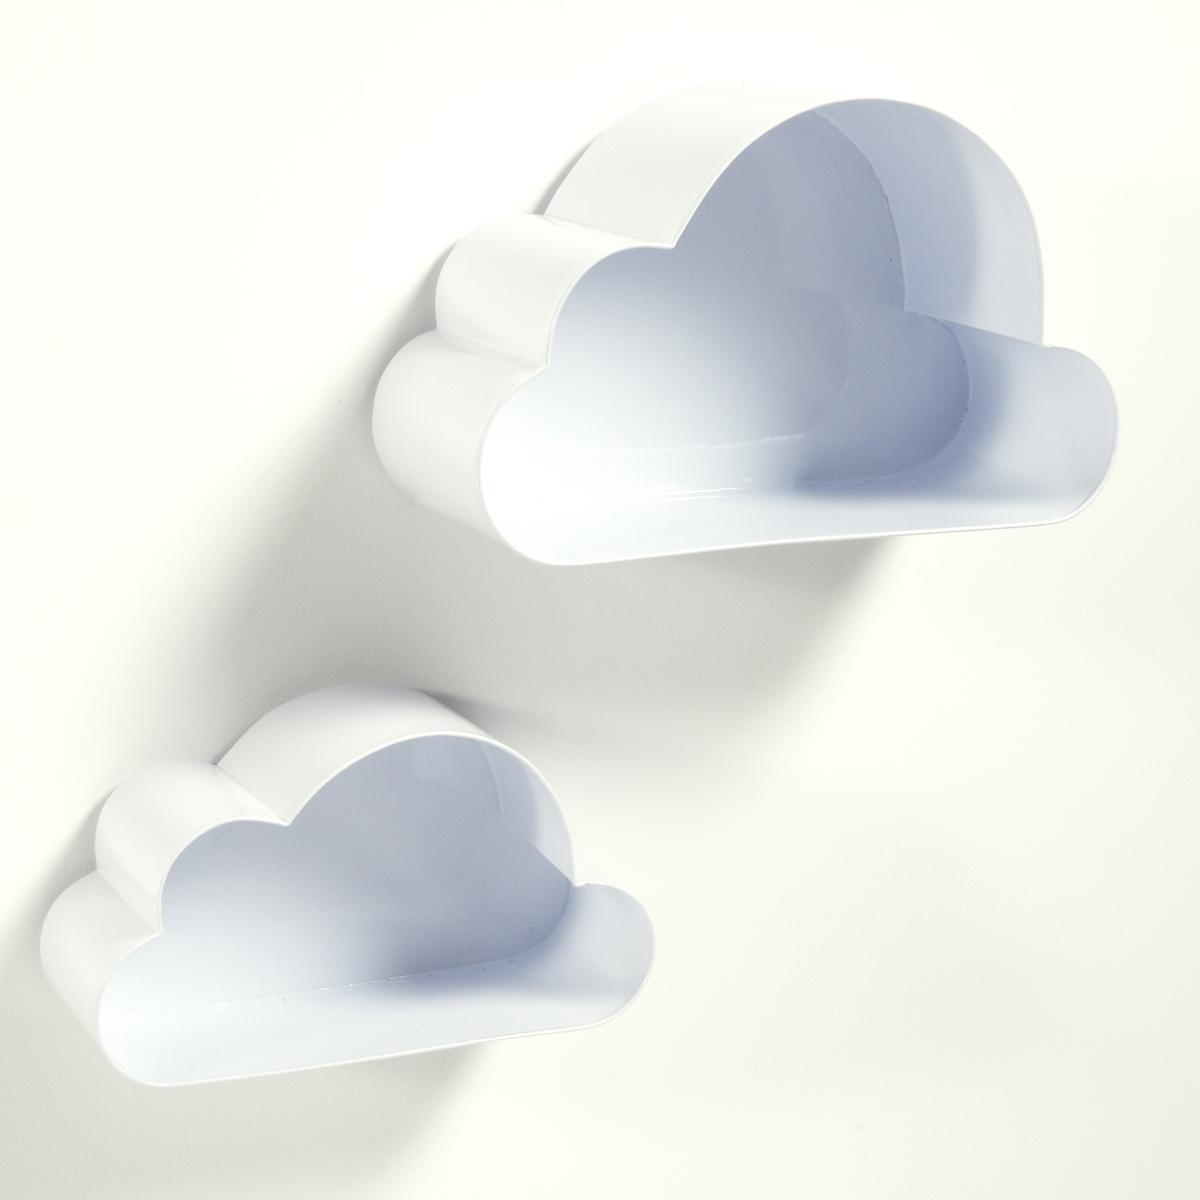 2 полки настенные в форме облака, Spacielle